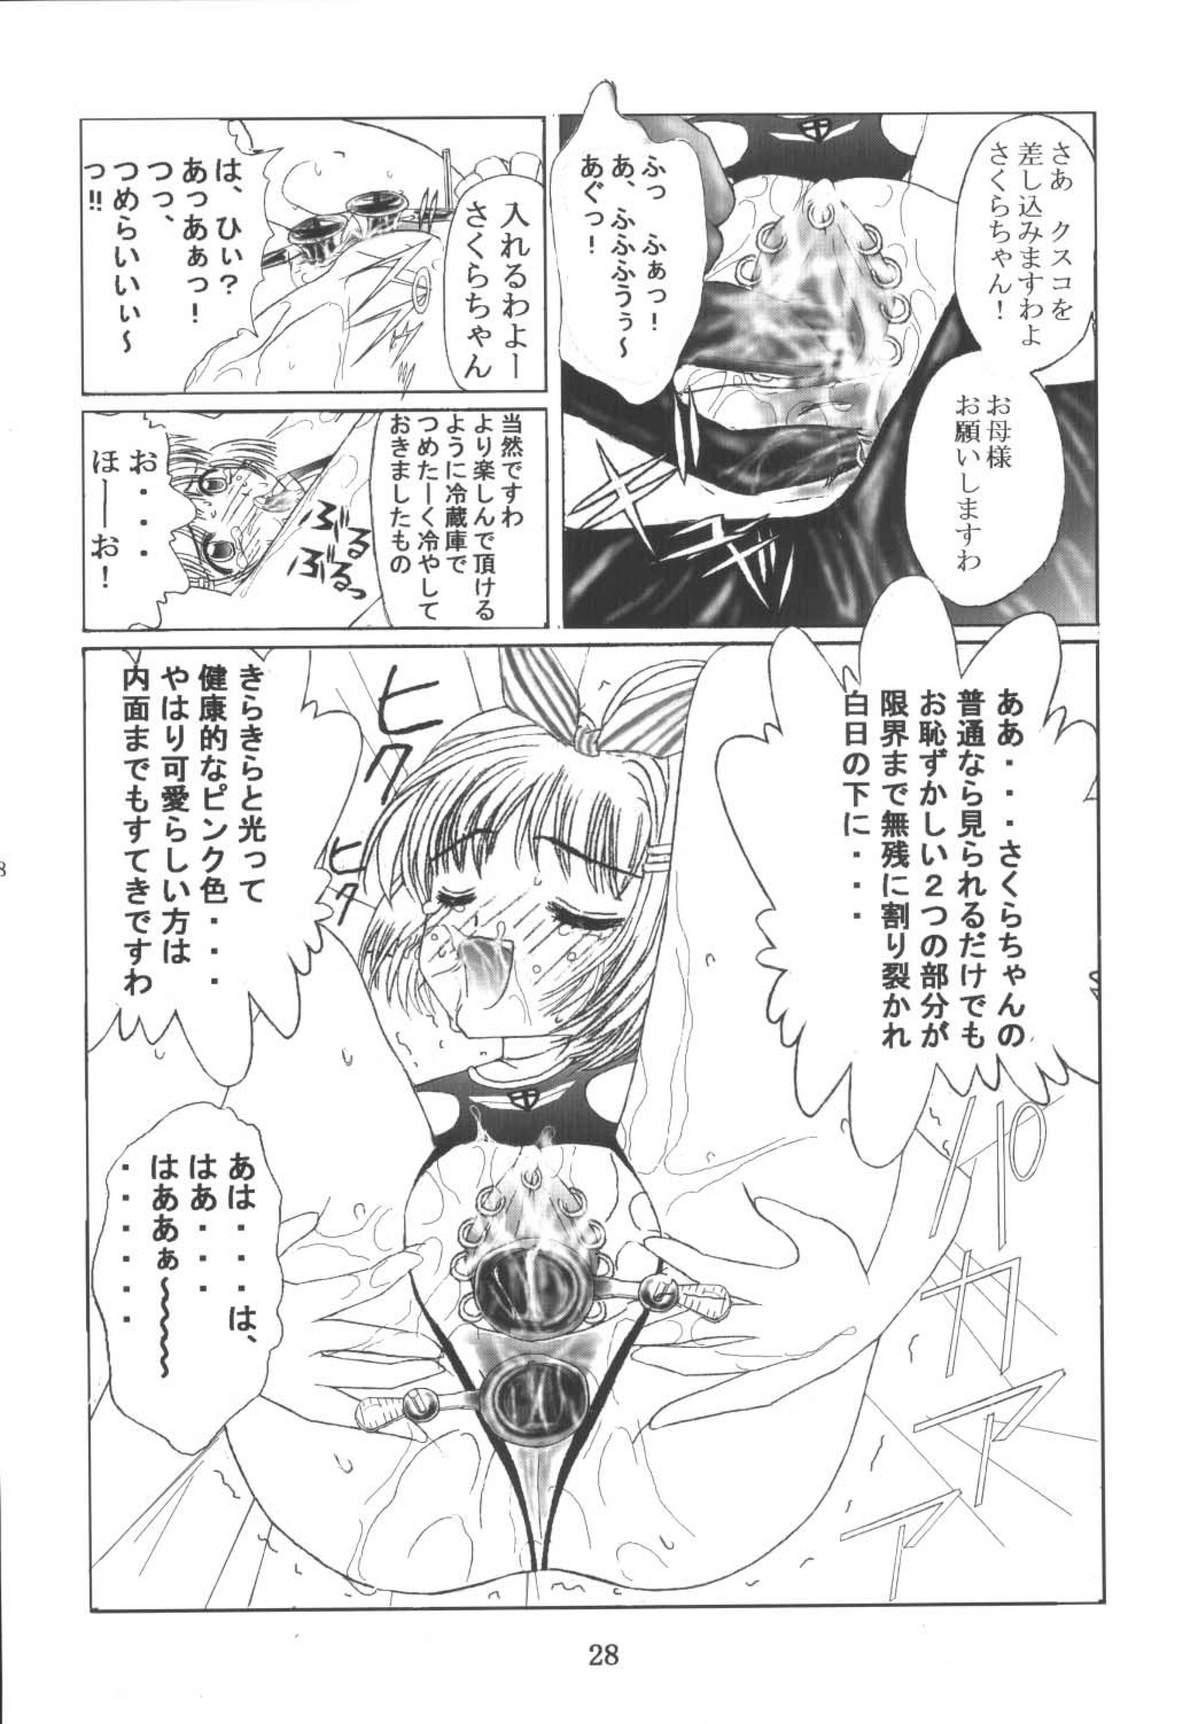 Kuuronziyou 10 Sakura-chan de Asobou 5 27